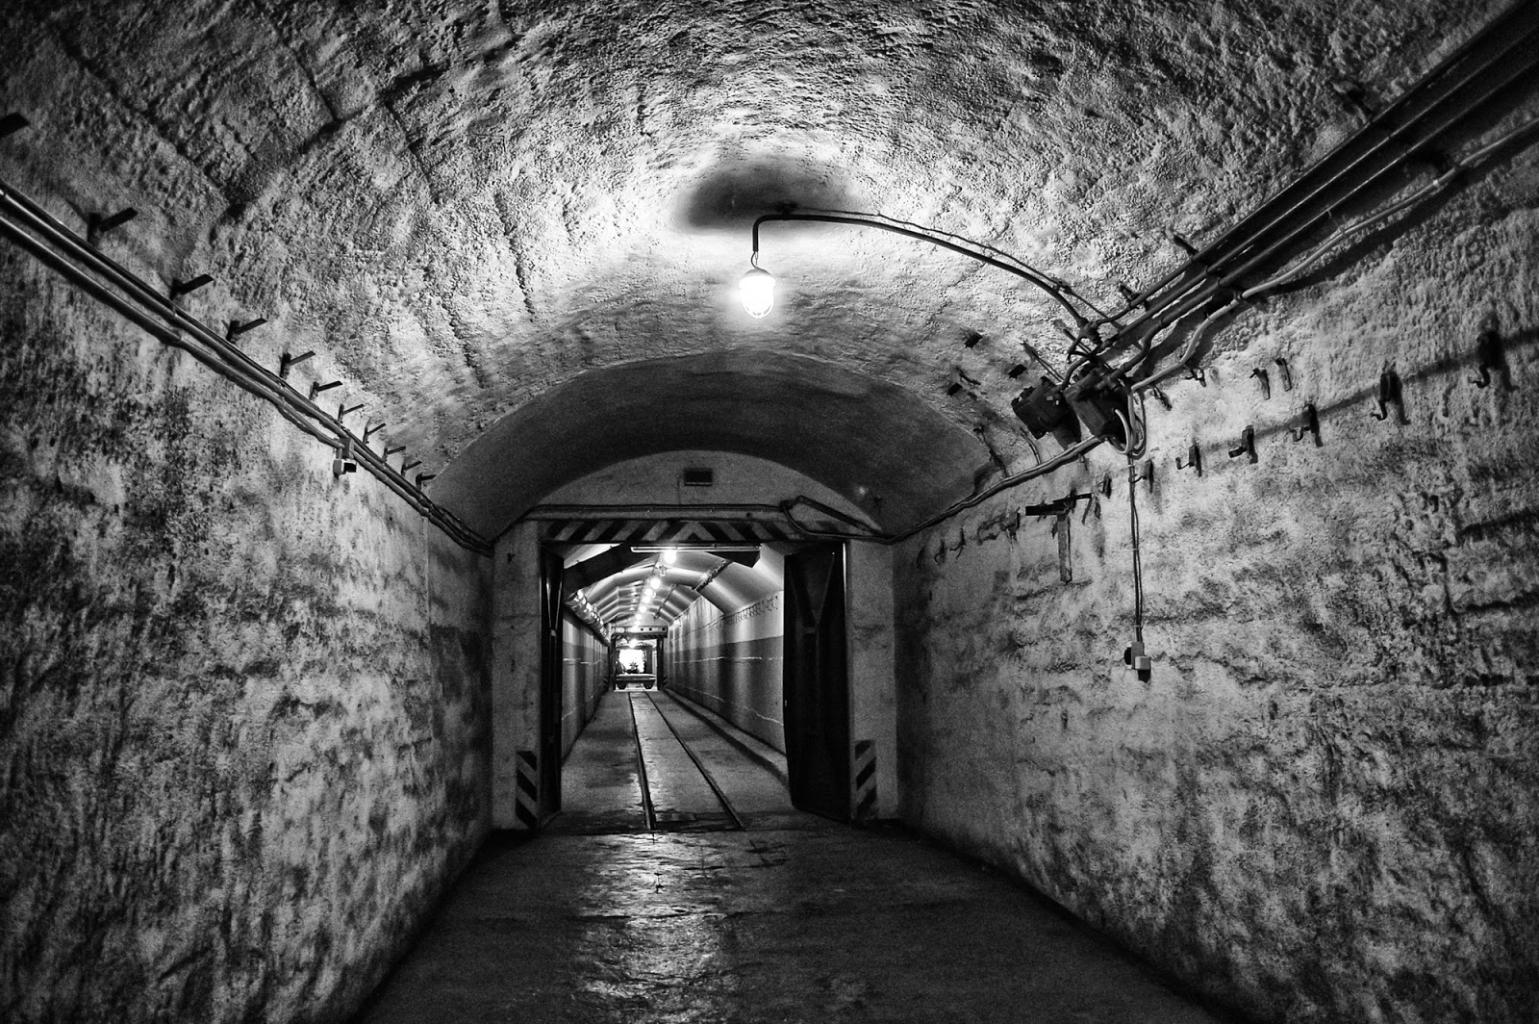 Die Felsengänge in Nürnberg schützen gut vor der Zombie Apokalypse